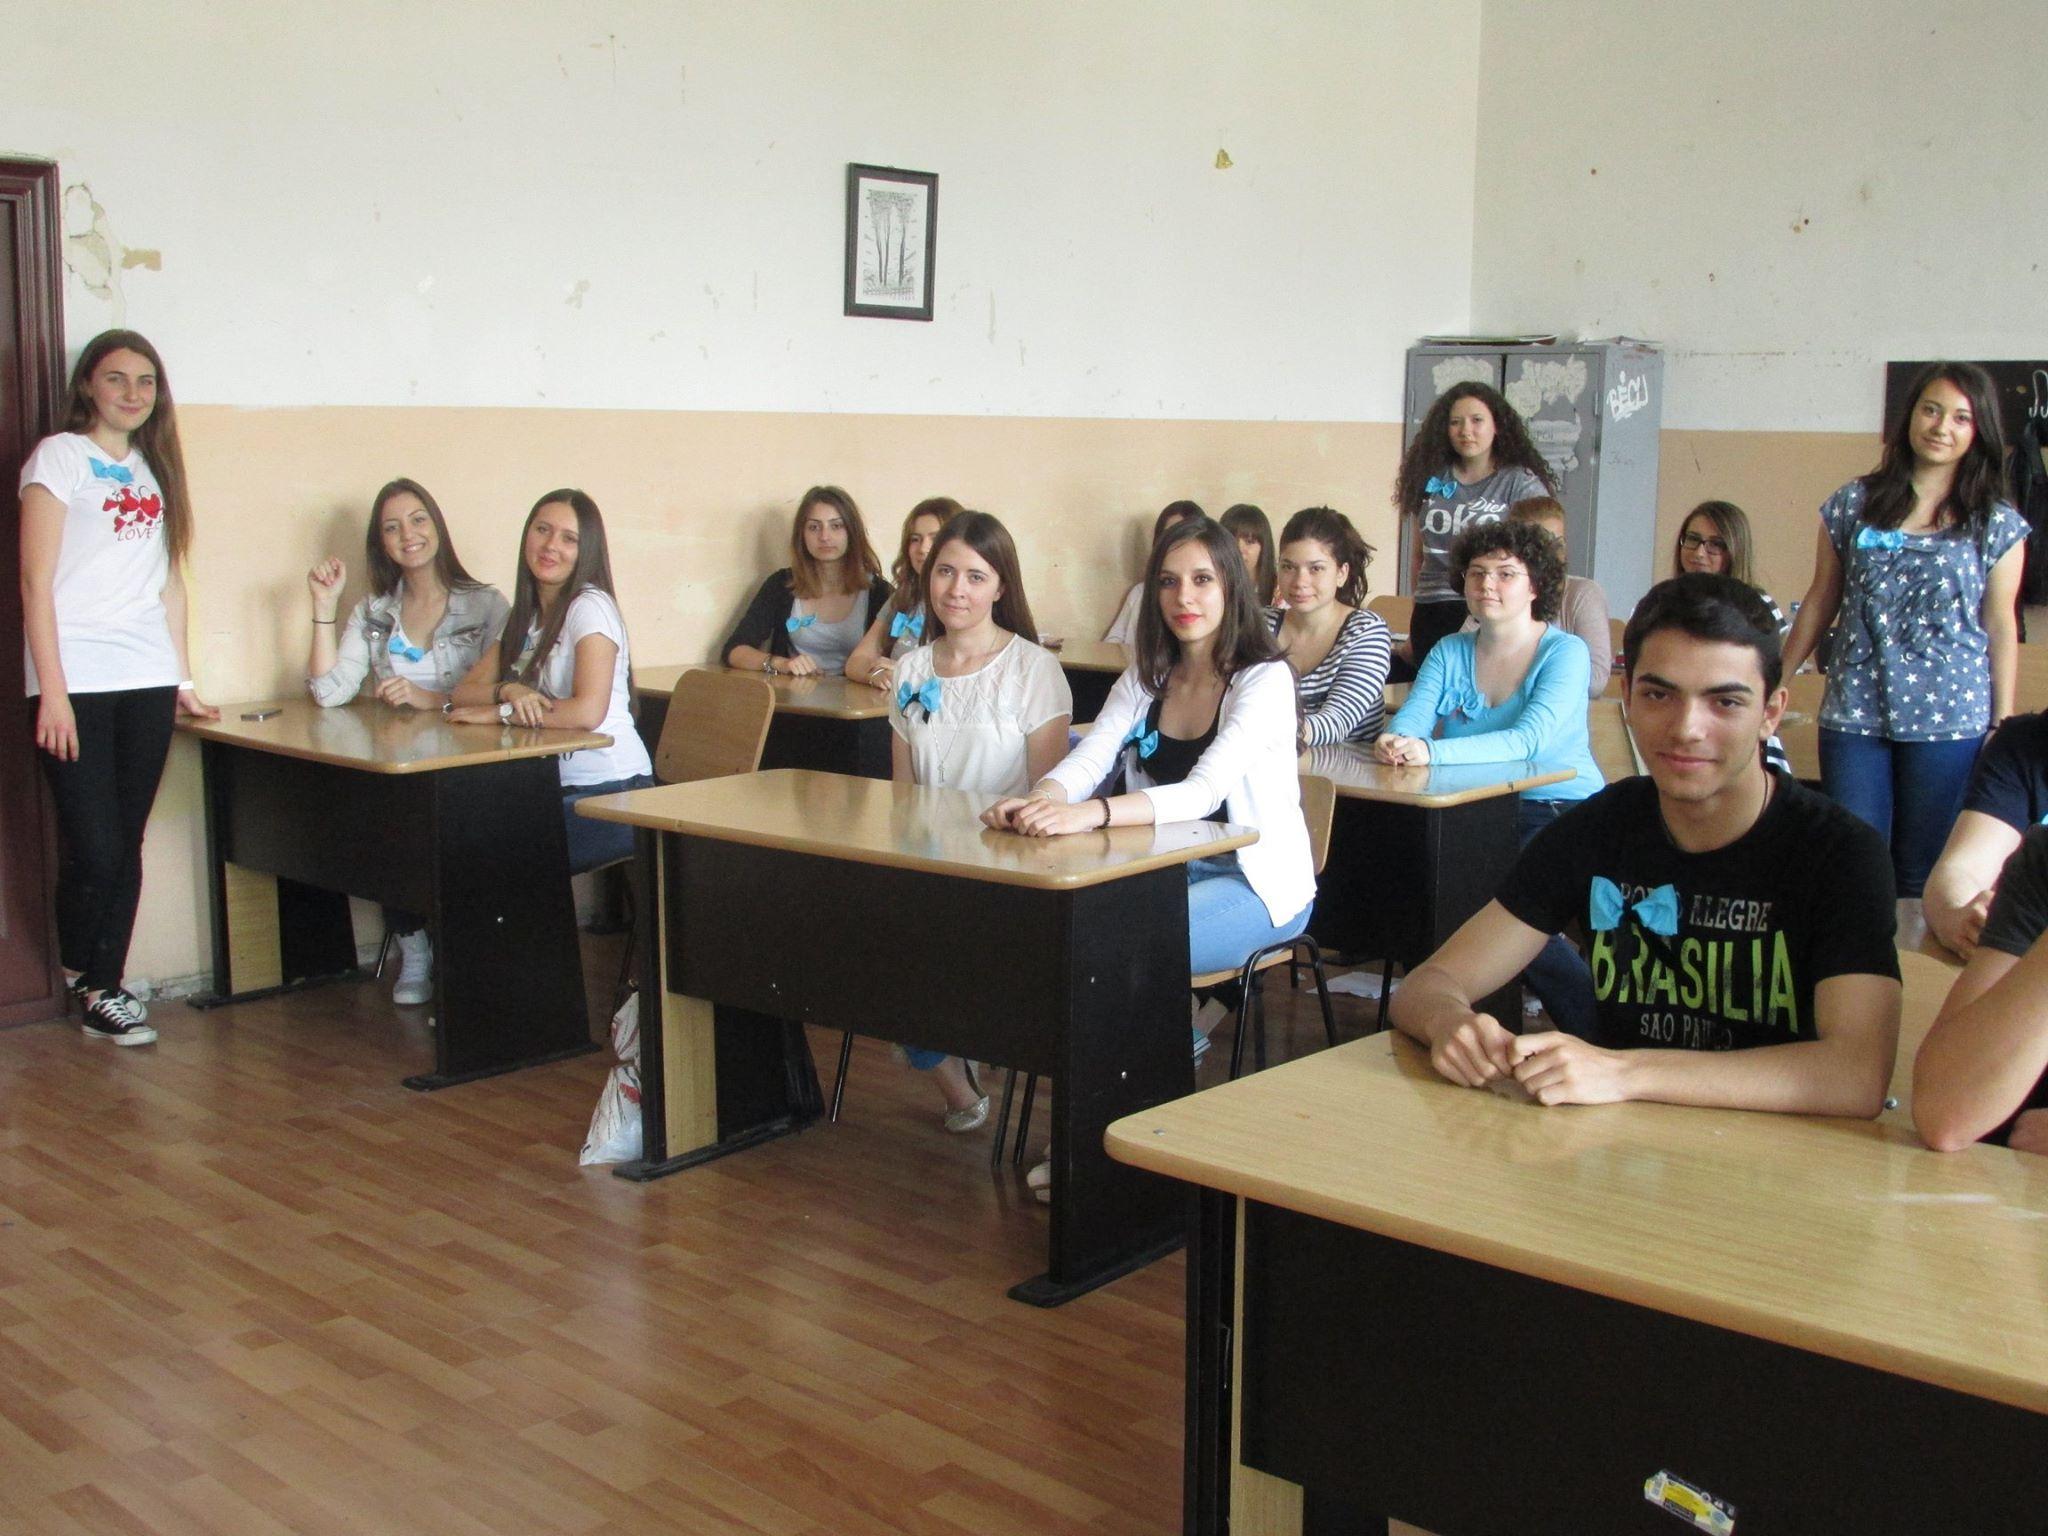 26 Proiect Viata fara Violena - Ana Hristea - clasa a-IX-a B – Colegiul National Mihai Eminescu